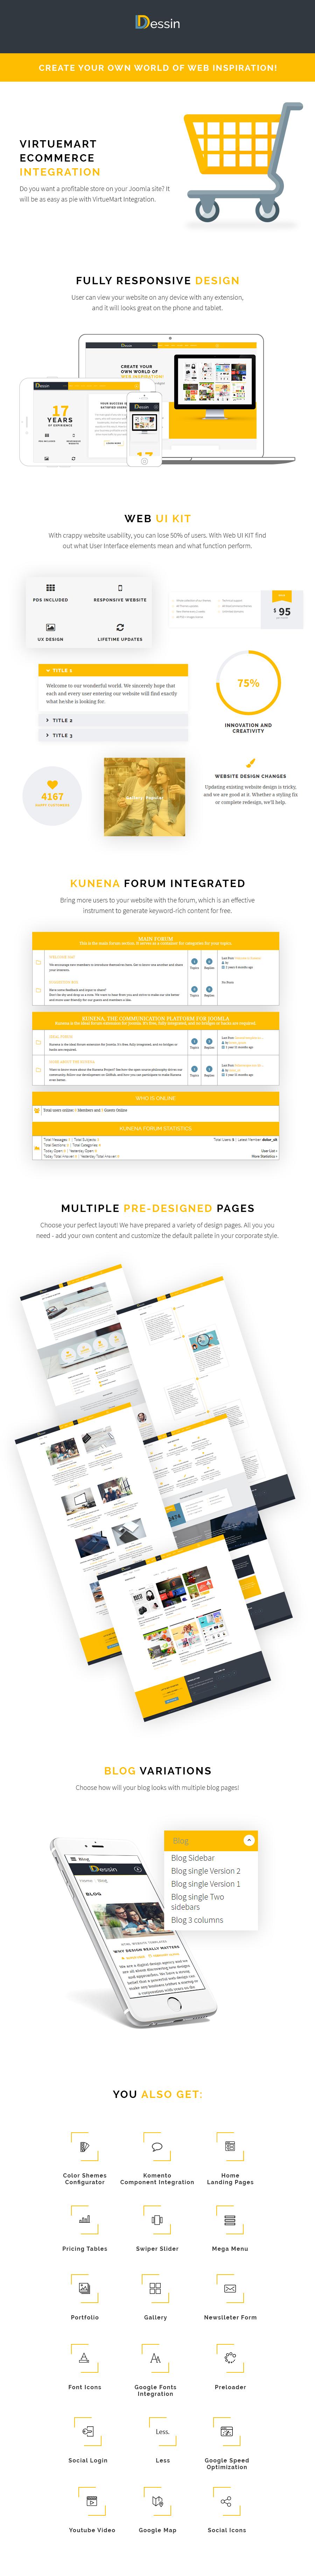 dessin features - Dessin - Multipurpose Responsive Joomla theme